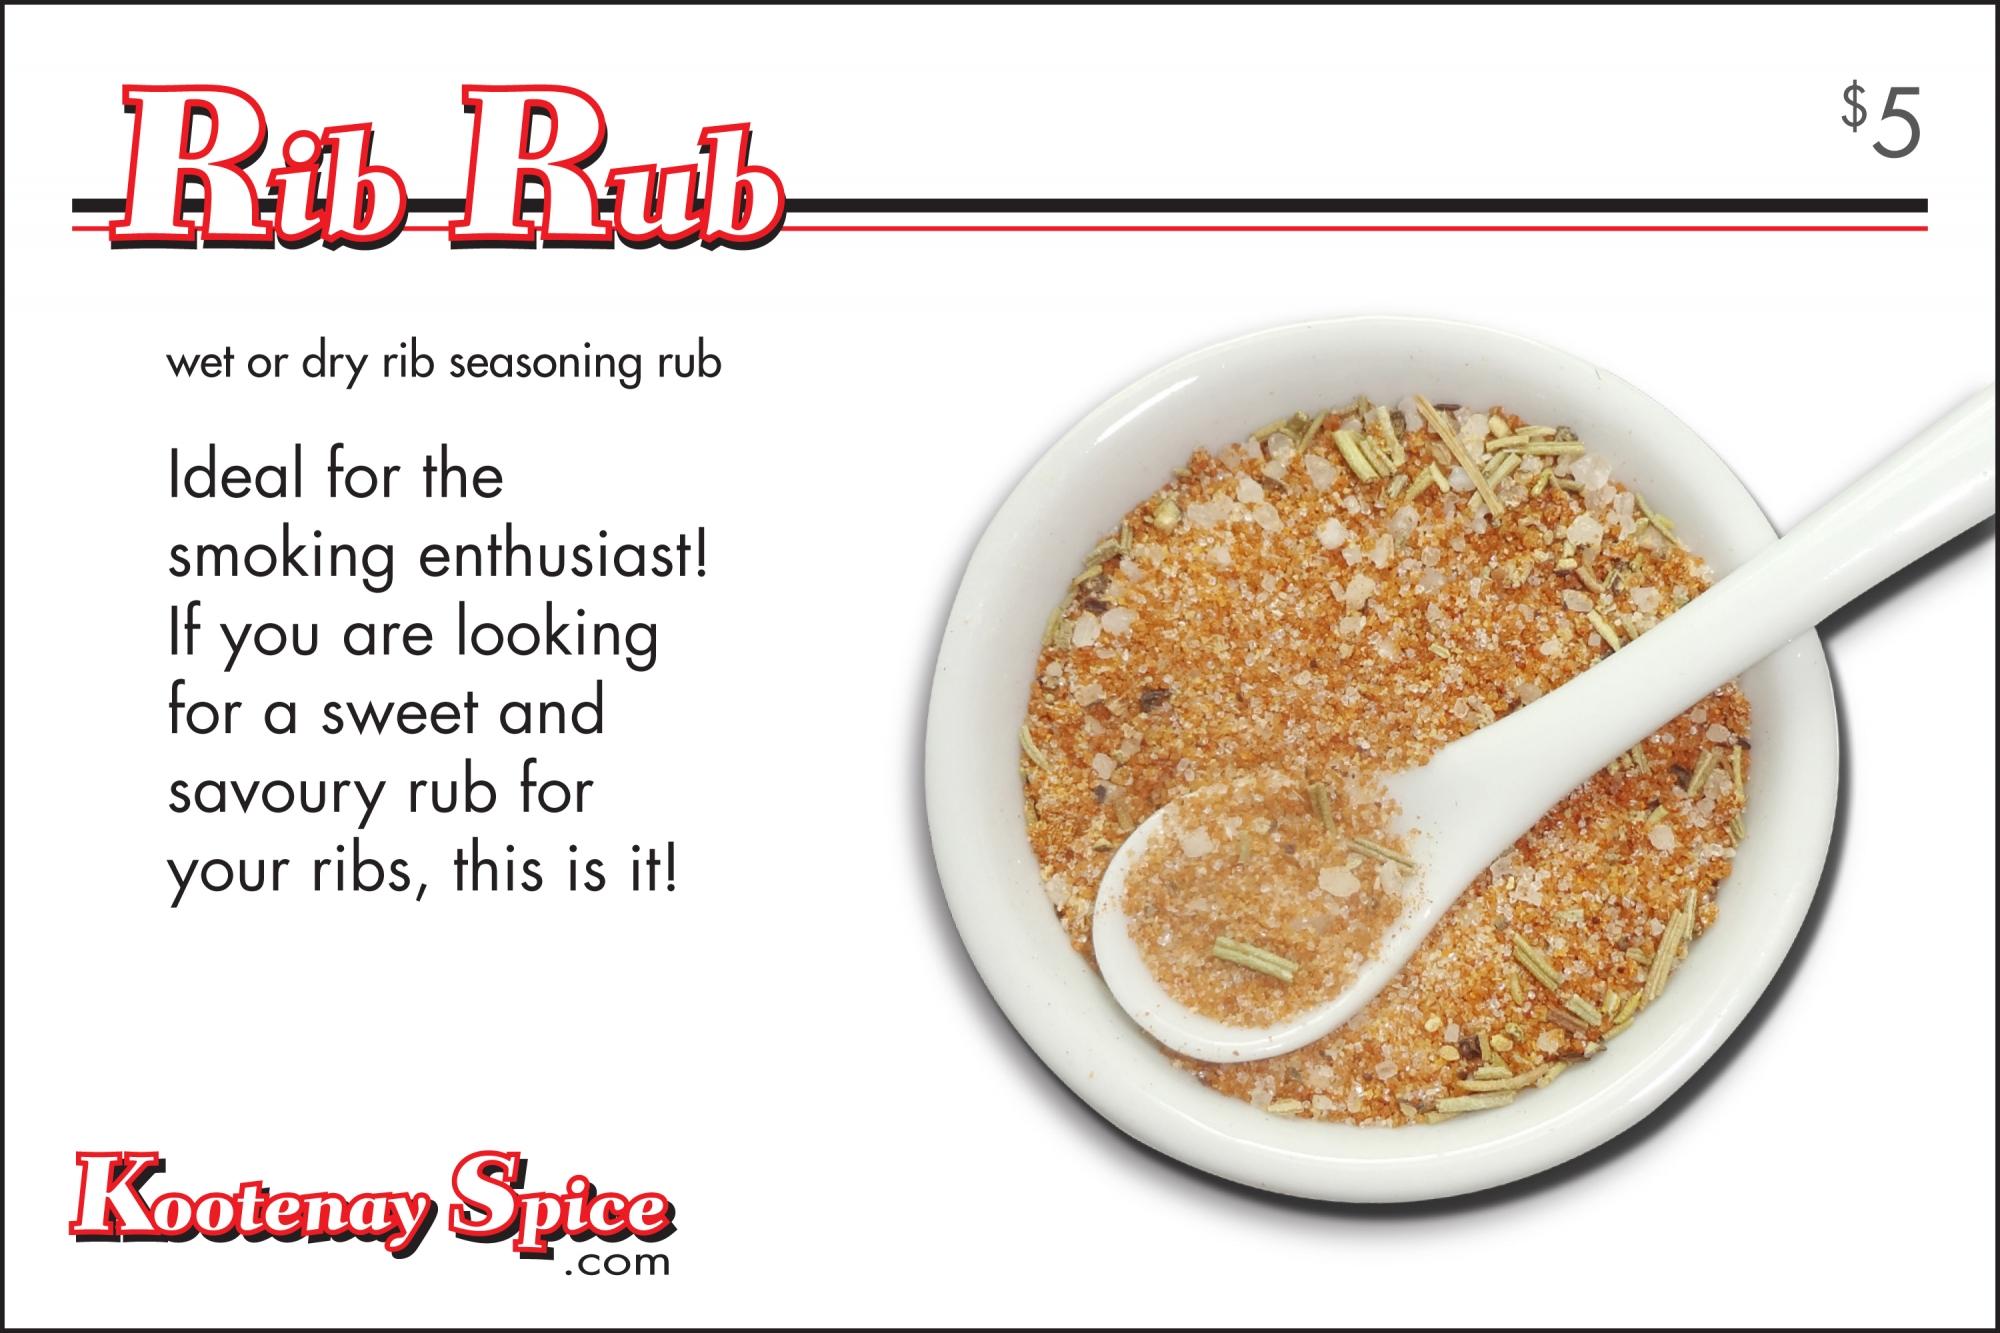 Kootenay Spice Rib Rub